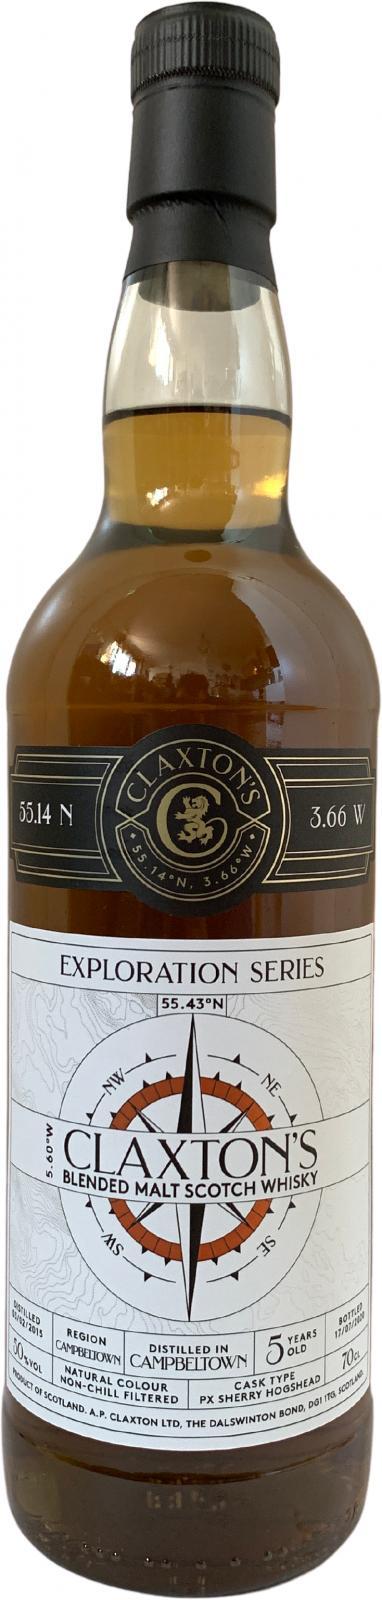 Blended Malt Scotch Whisky 2015 Cl